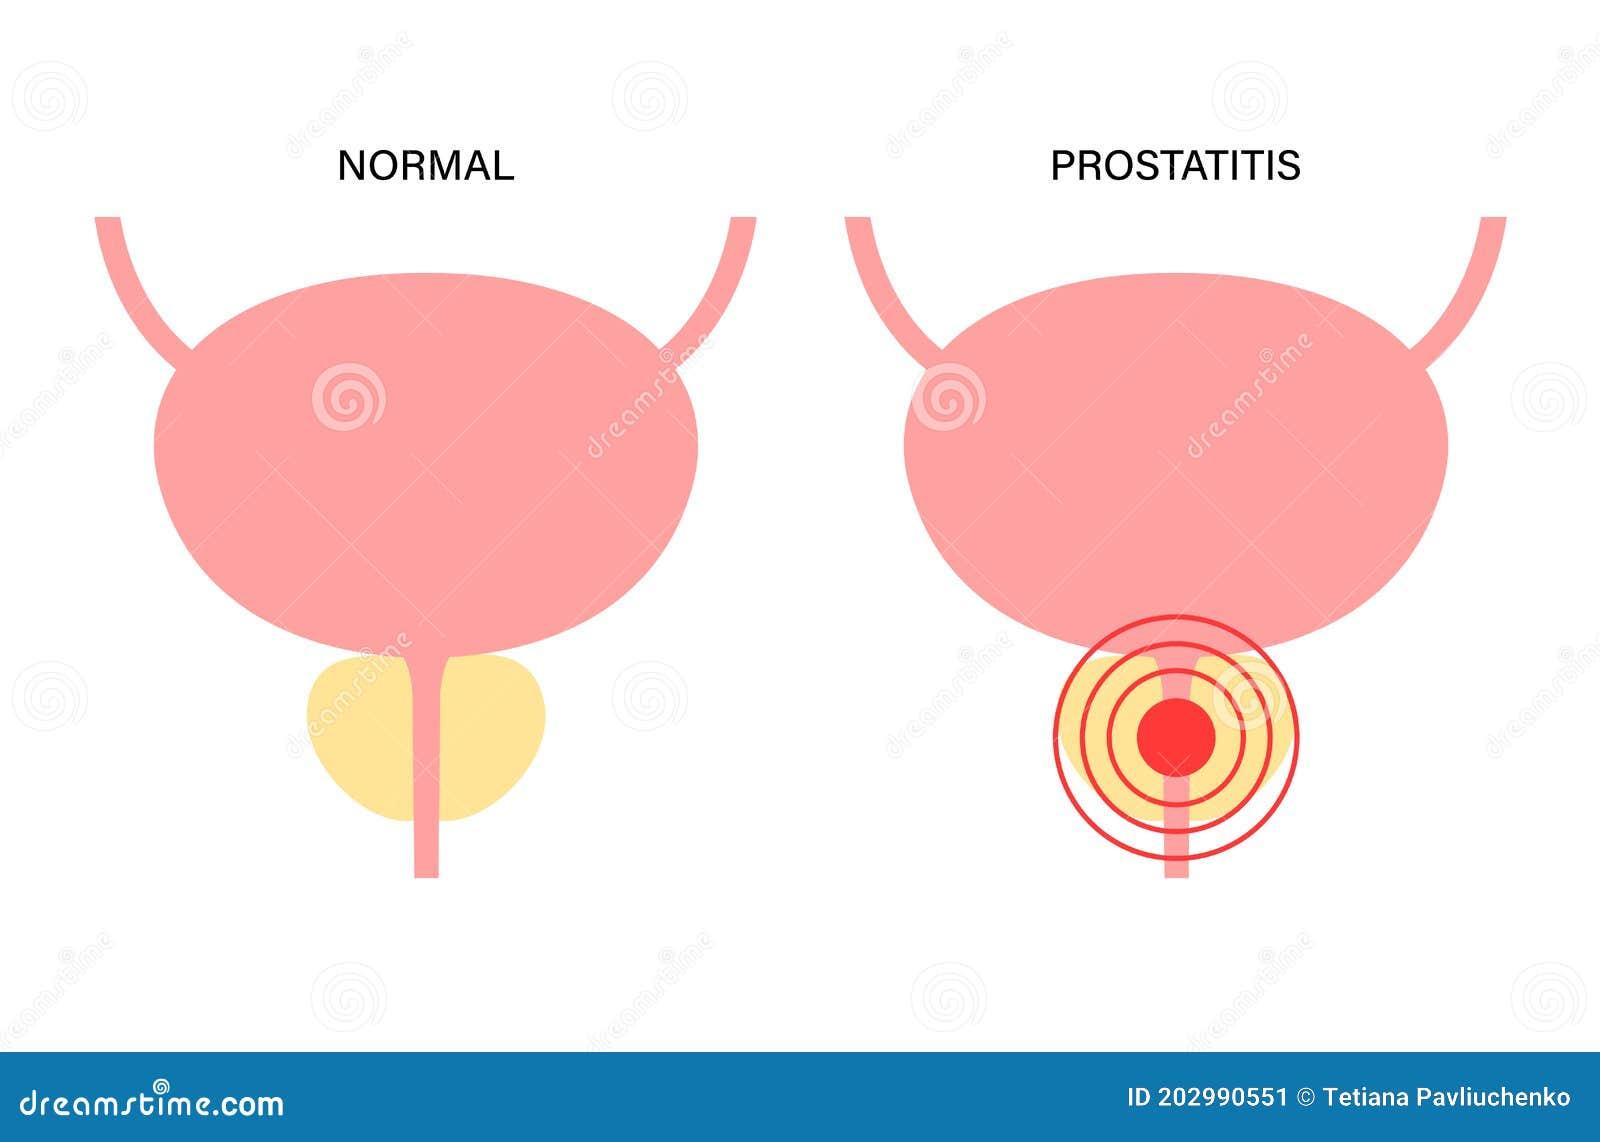 Prostatitis Harbingers